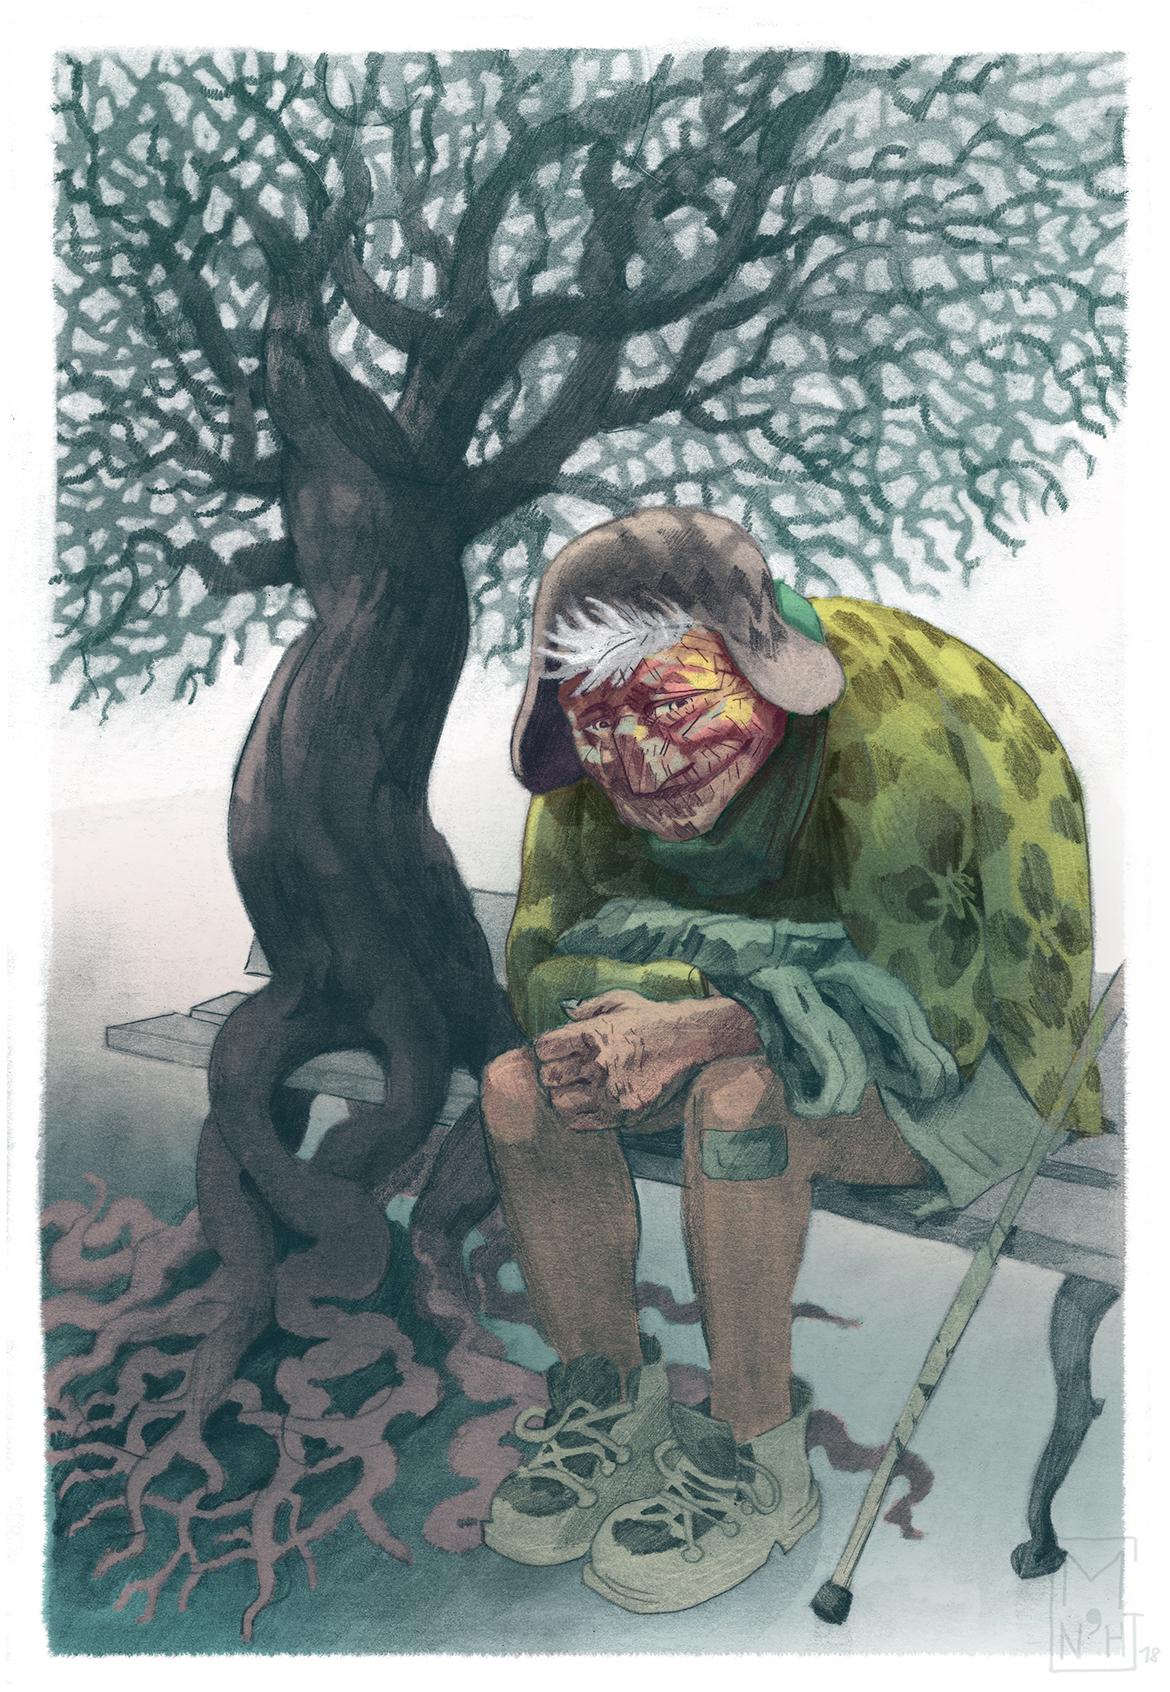 illustration au crayon et couleurs digitales, propice à la conception de visuels pour le jeu de plateau, entre autre.  Caracter design, conception personnages.